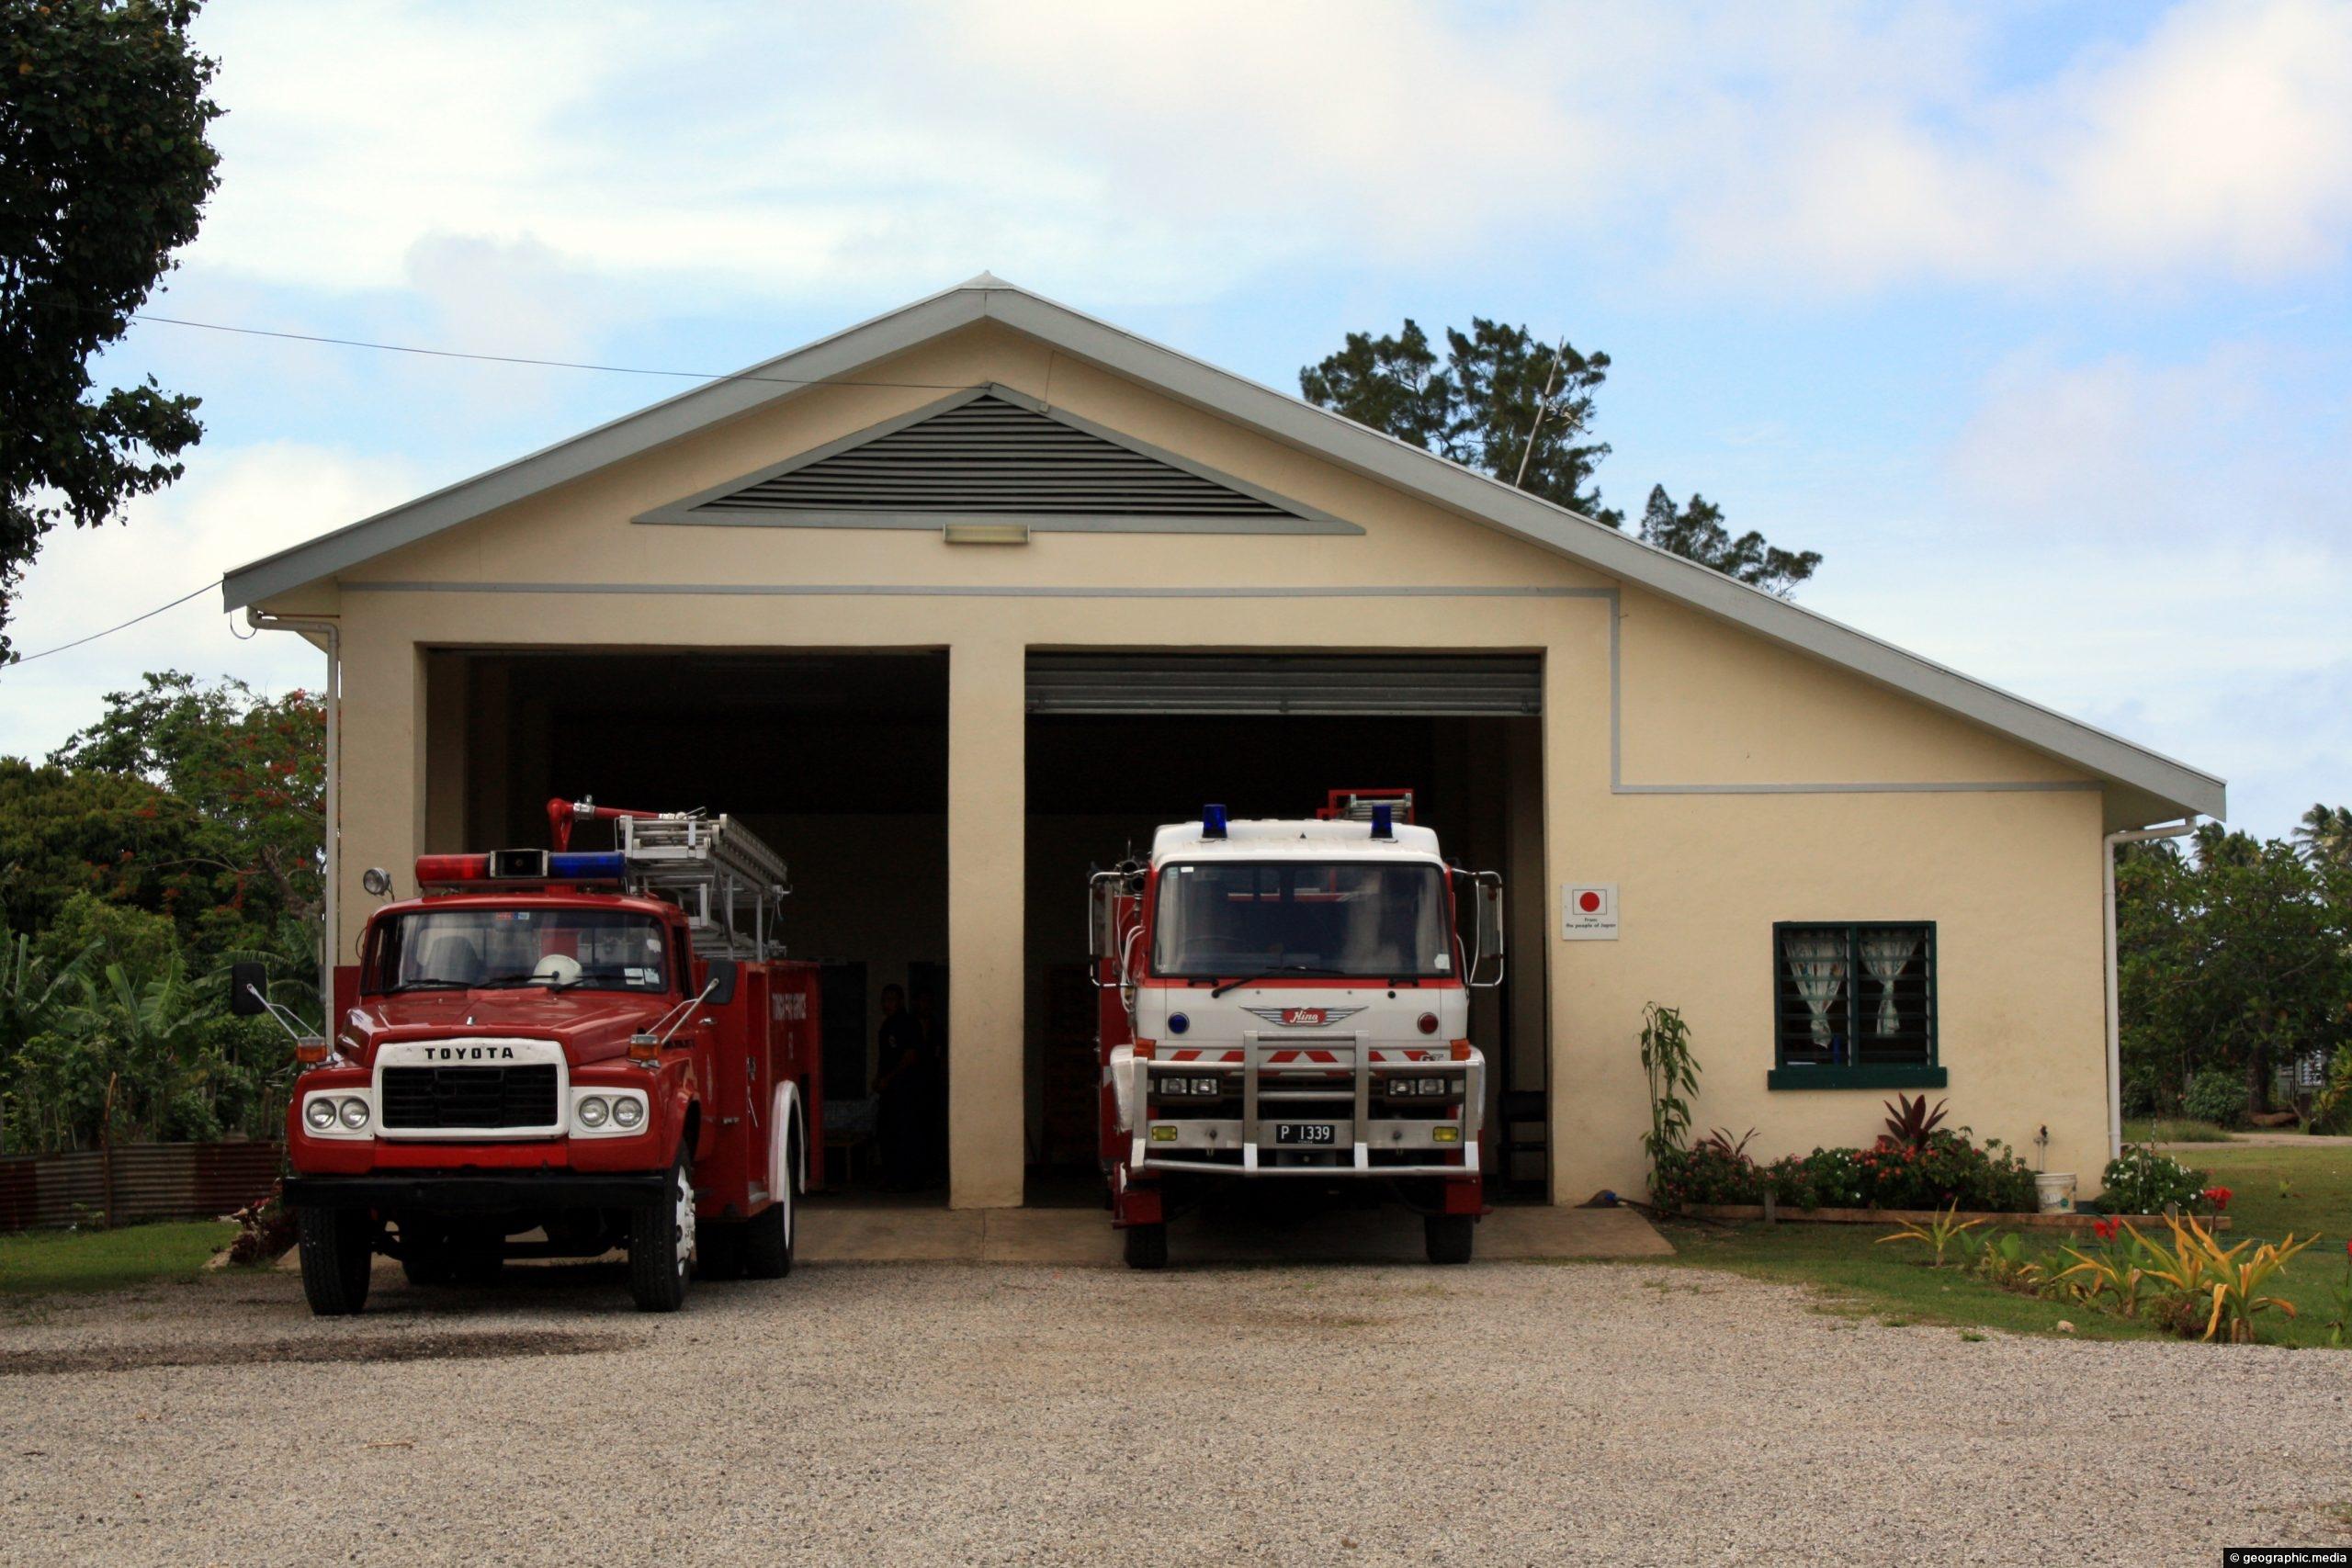 Fire Wood Fire Engine Fire Truck Salto Firemen